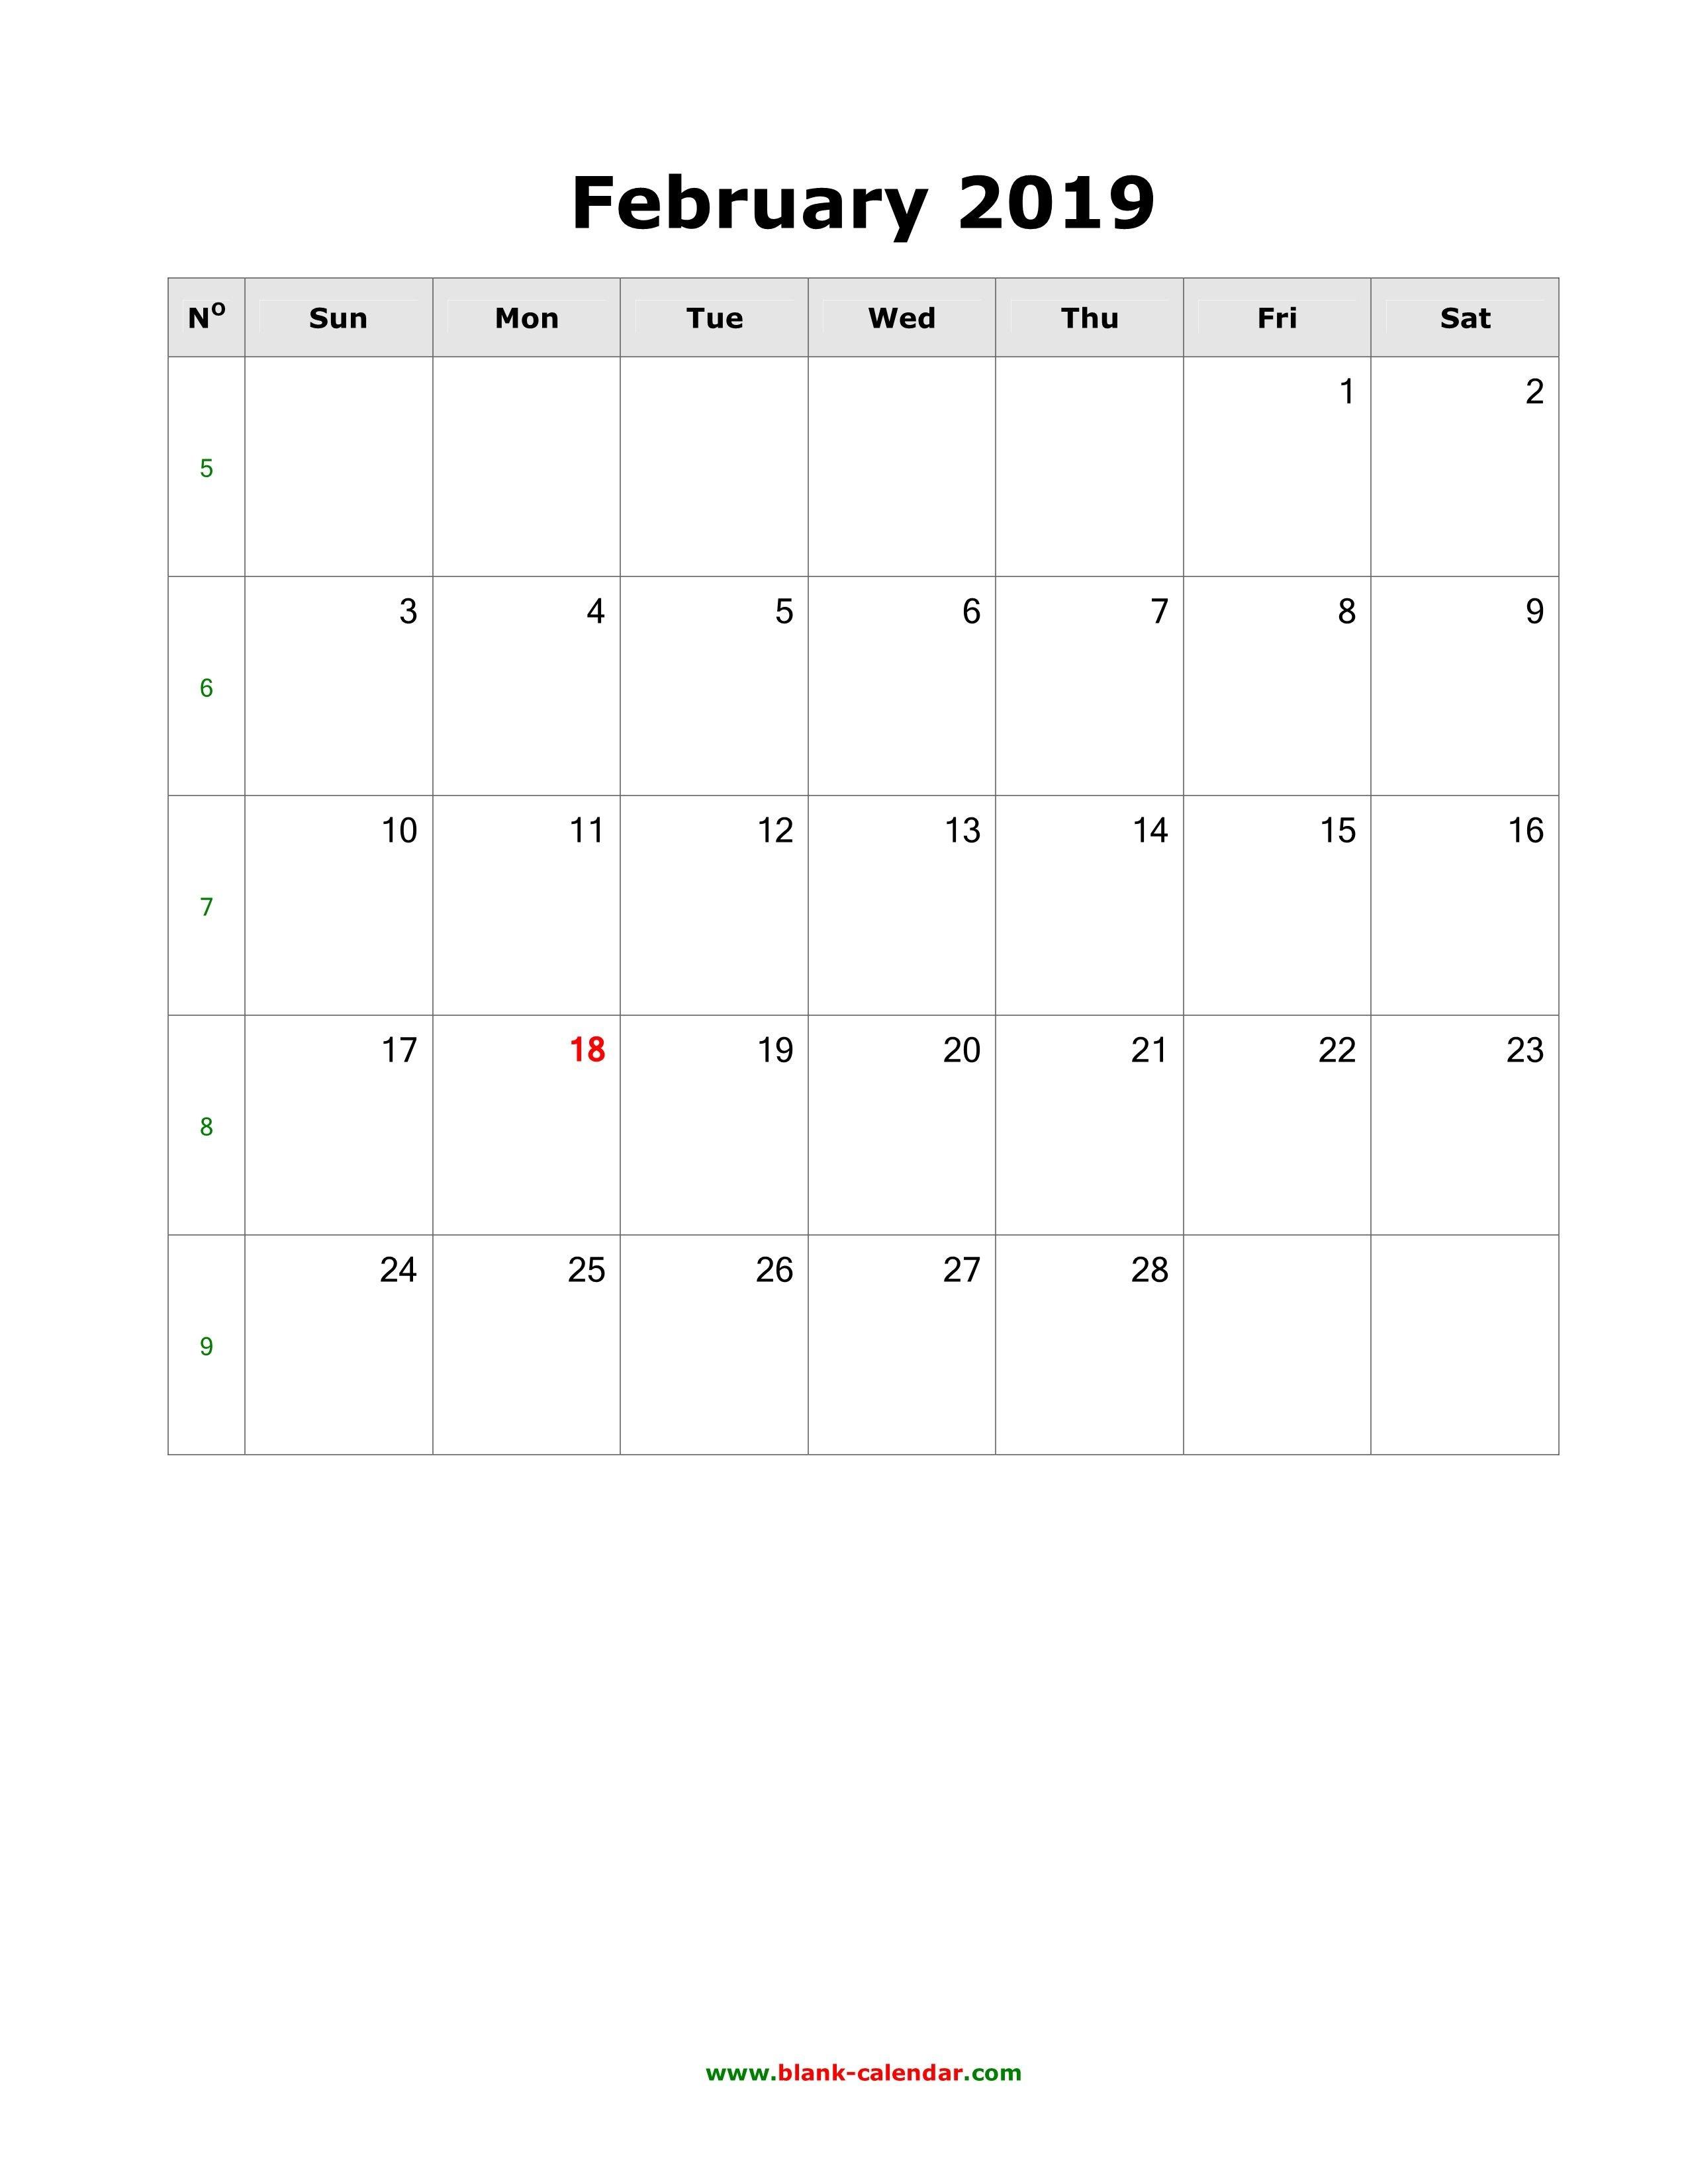 February Calendar 2019 To Do List | Free February 2019 Calendar Calendar 2019 List